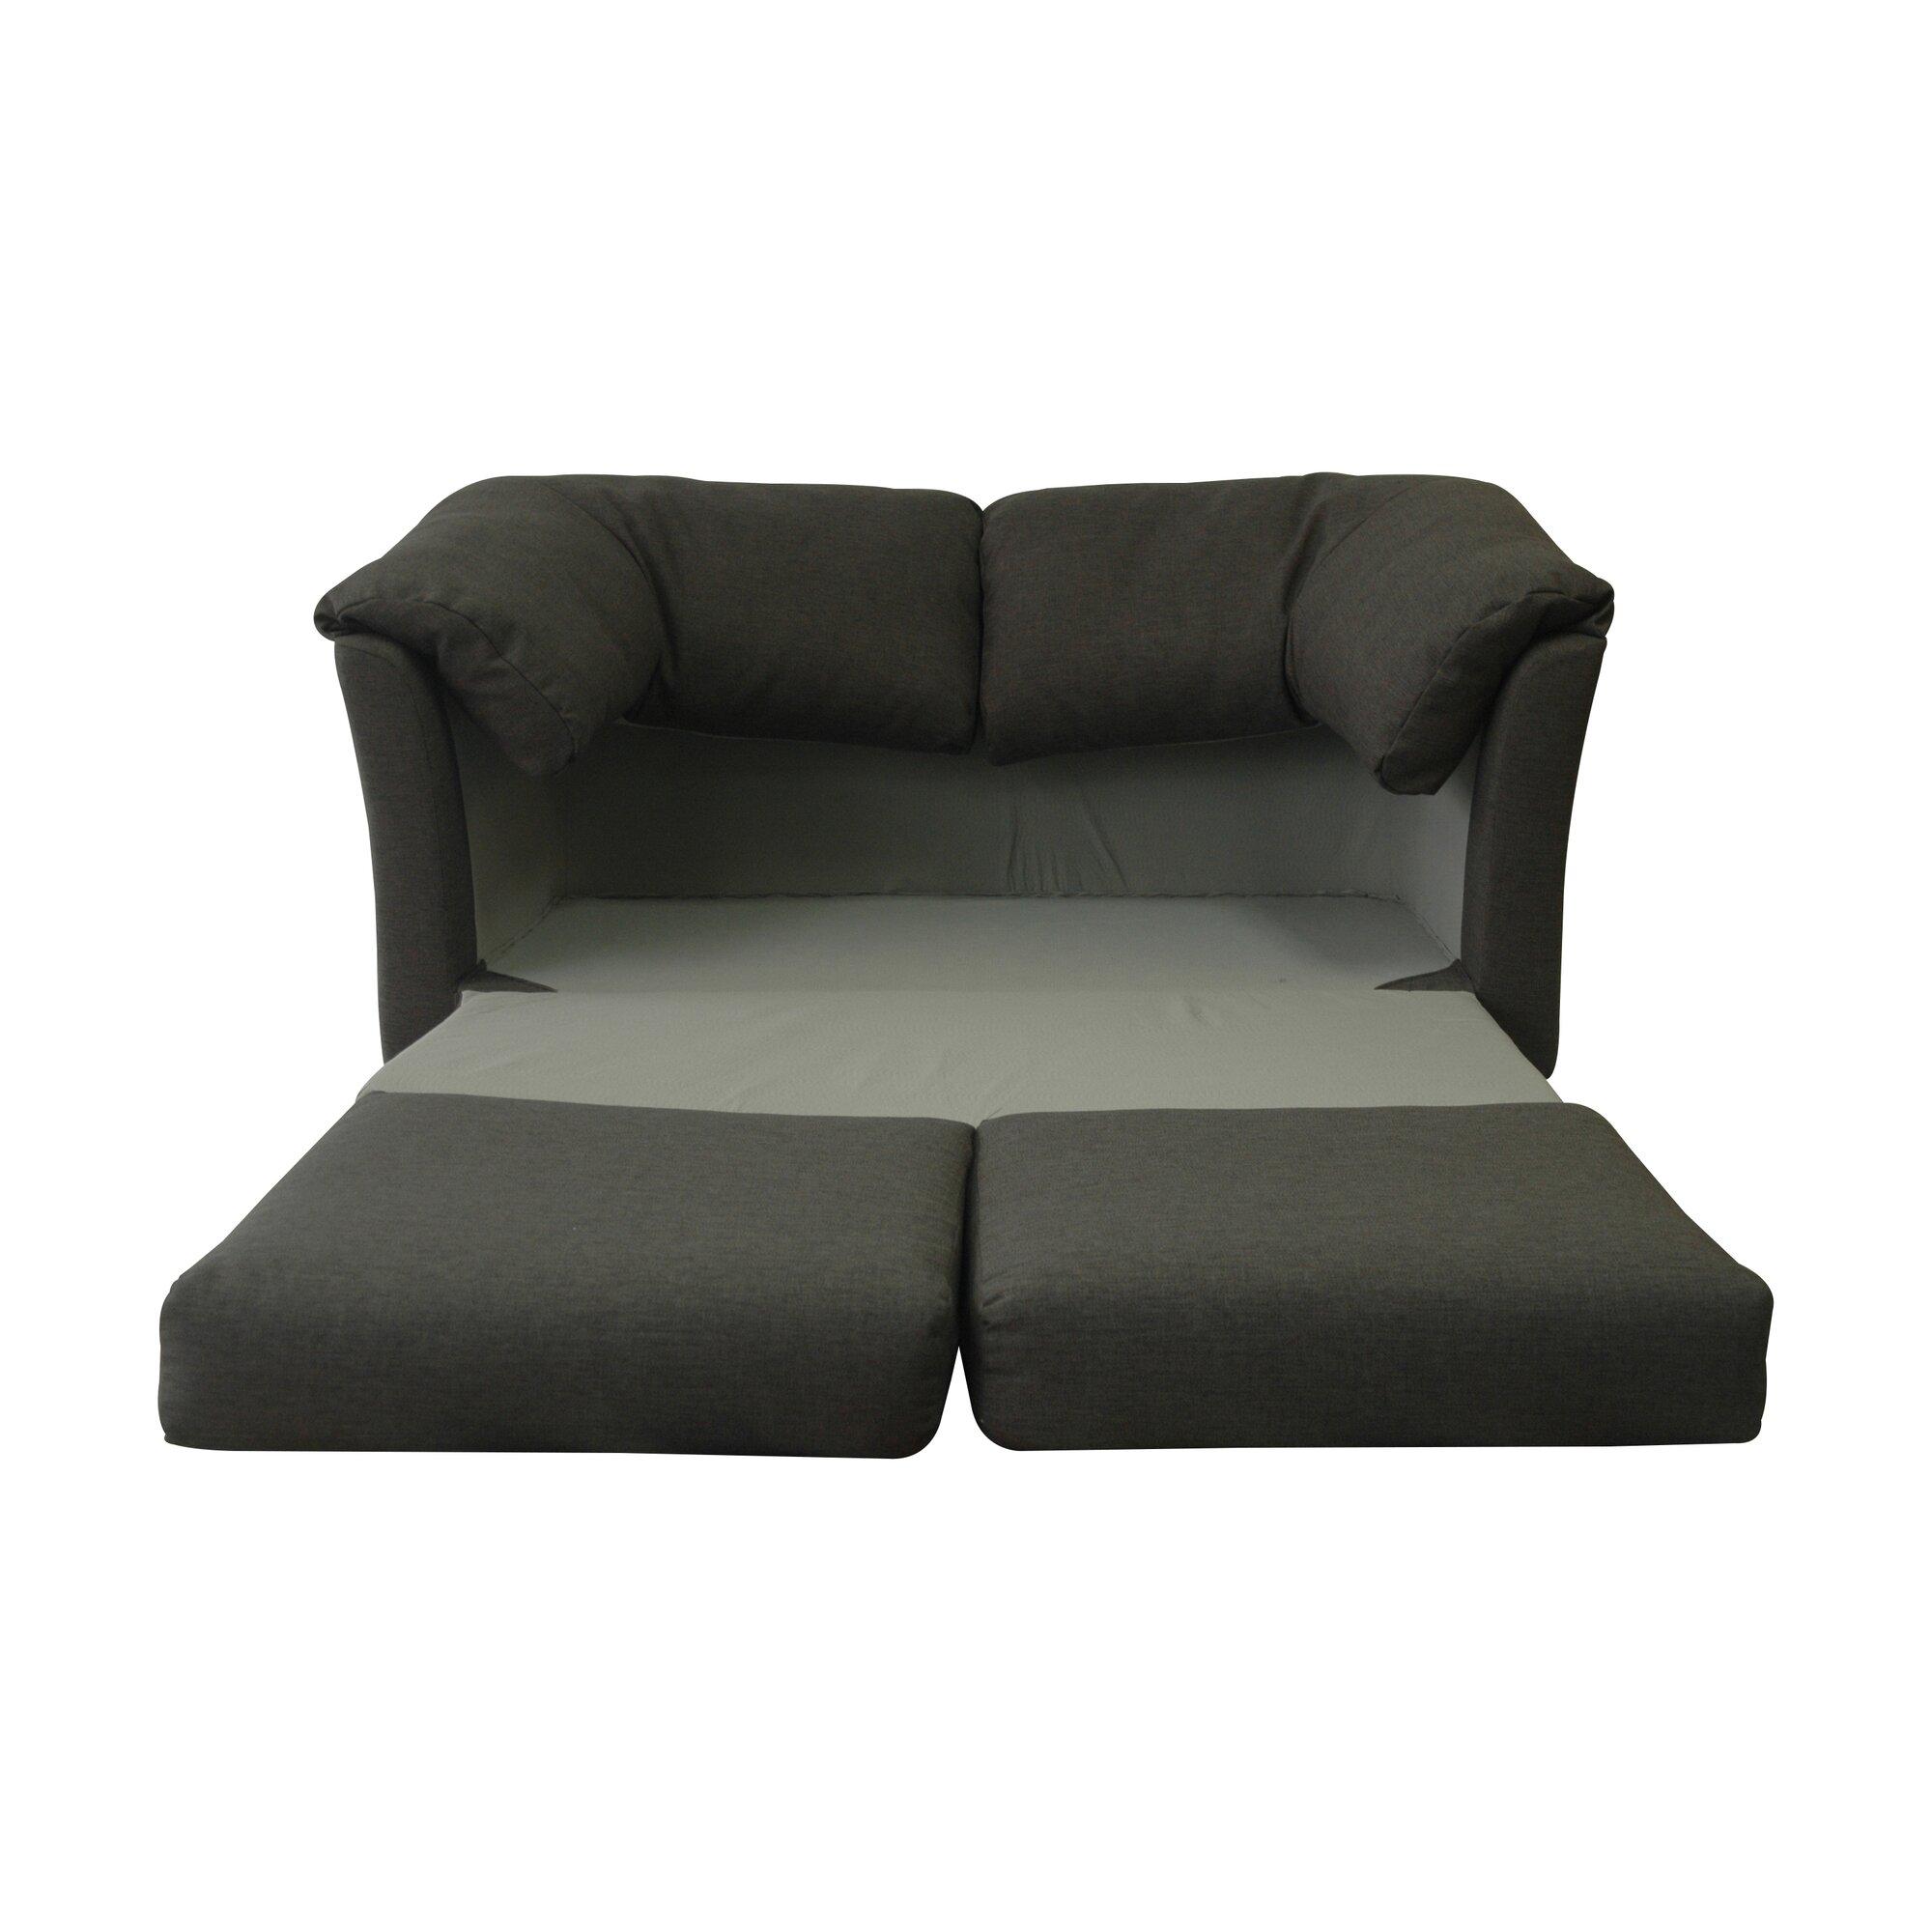 Lightweight sleeper sofa most comfortable sleeper sofa for Sofa bed weight